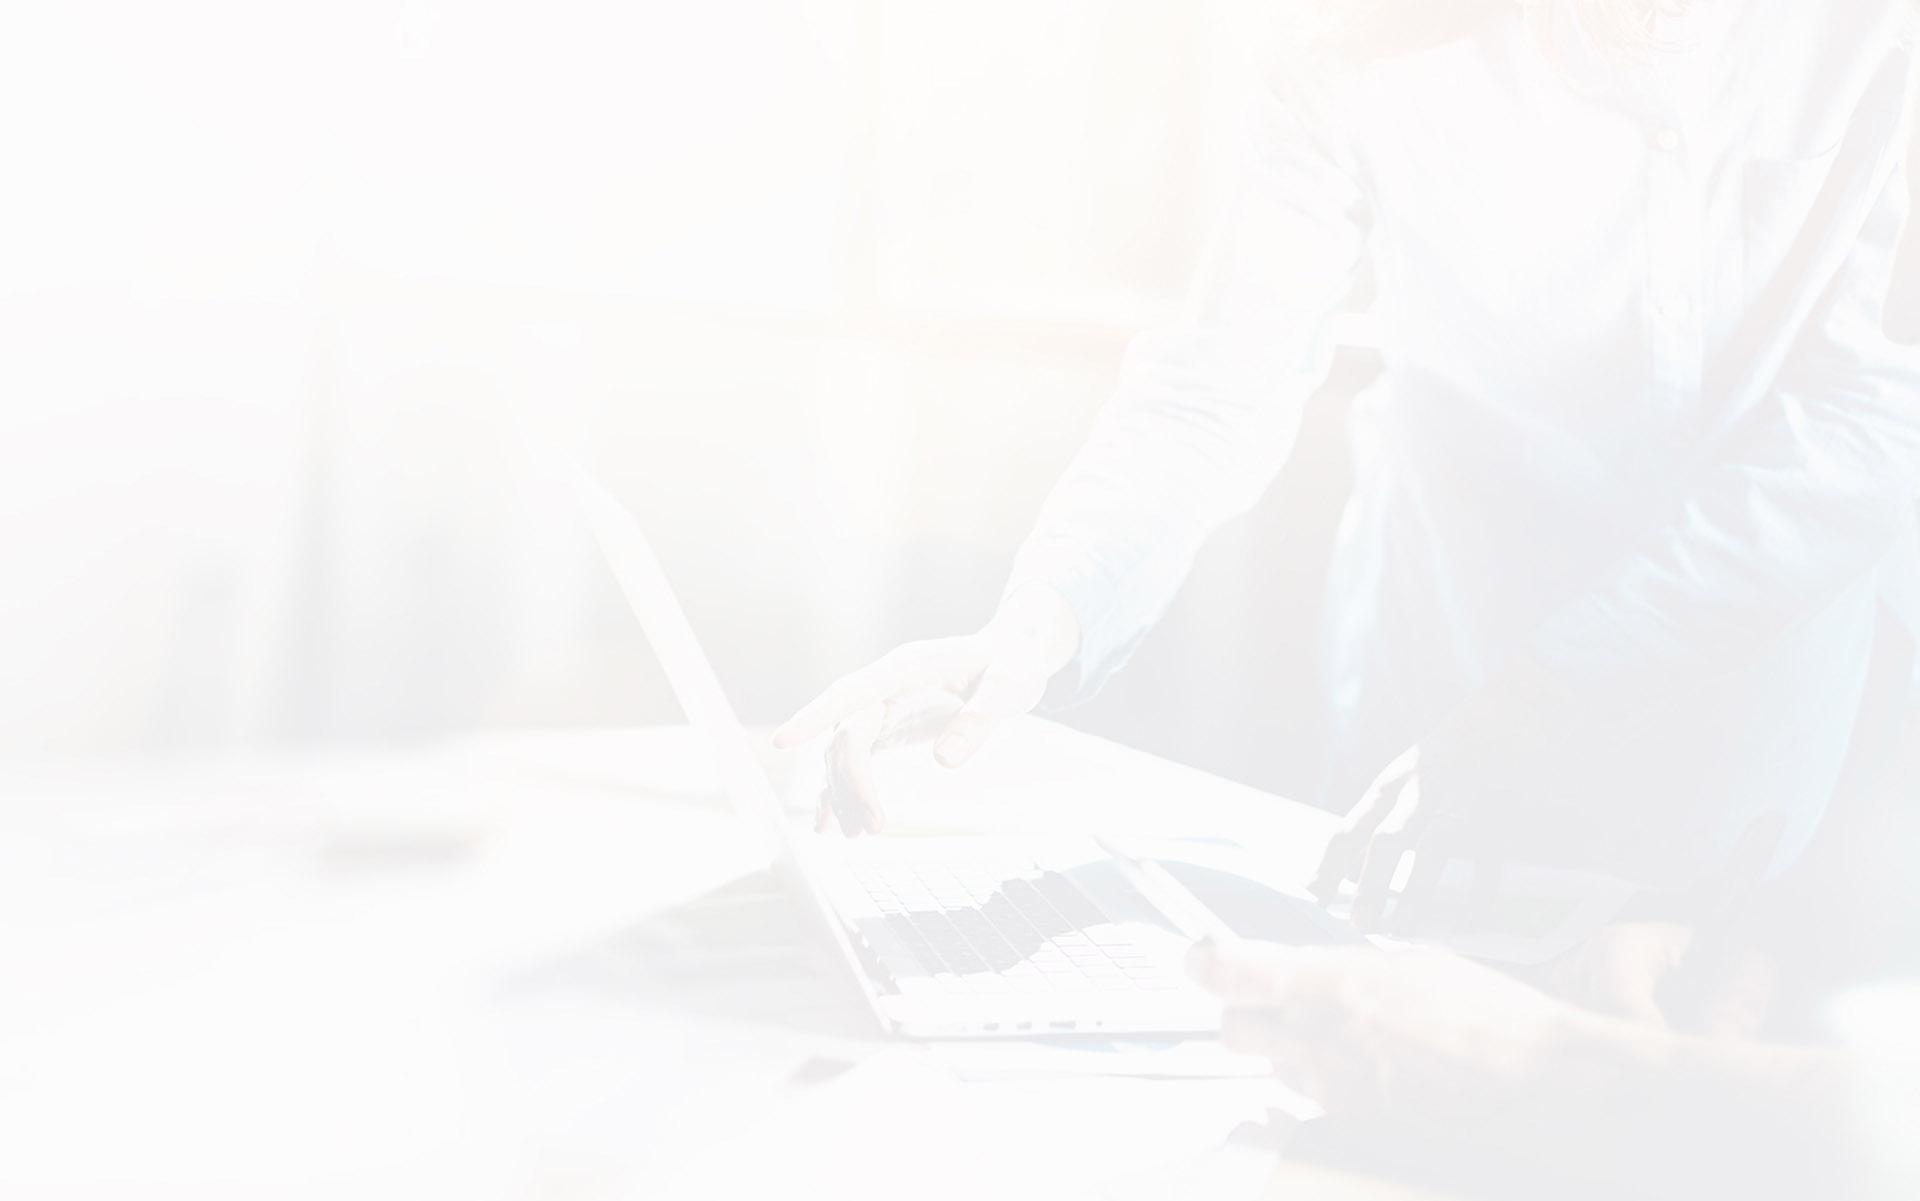 قانون وتنظيم إستراتيجية البيانات التنافسية